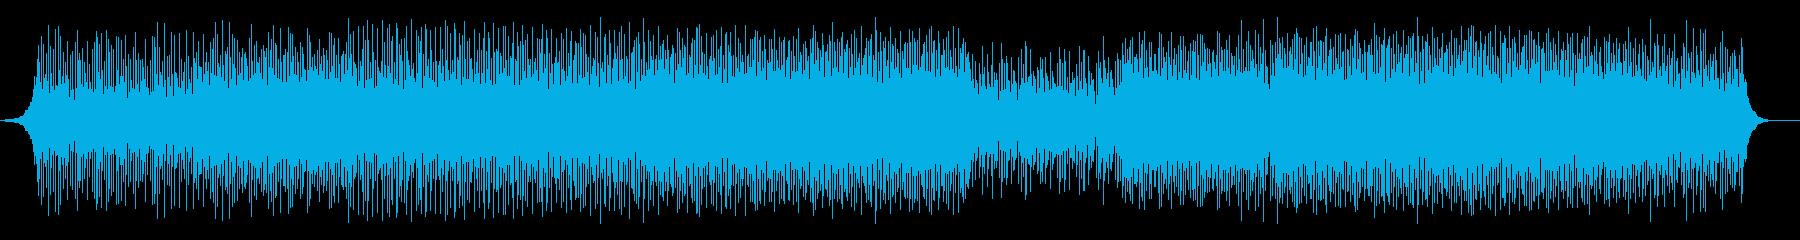 企業VP系001 爽やかギターアルペジオの再生済みの波形